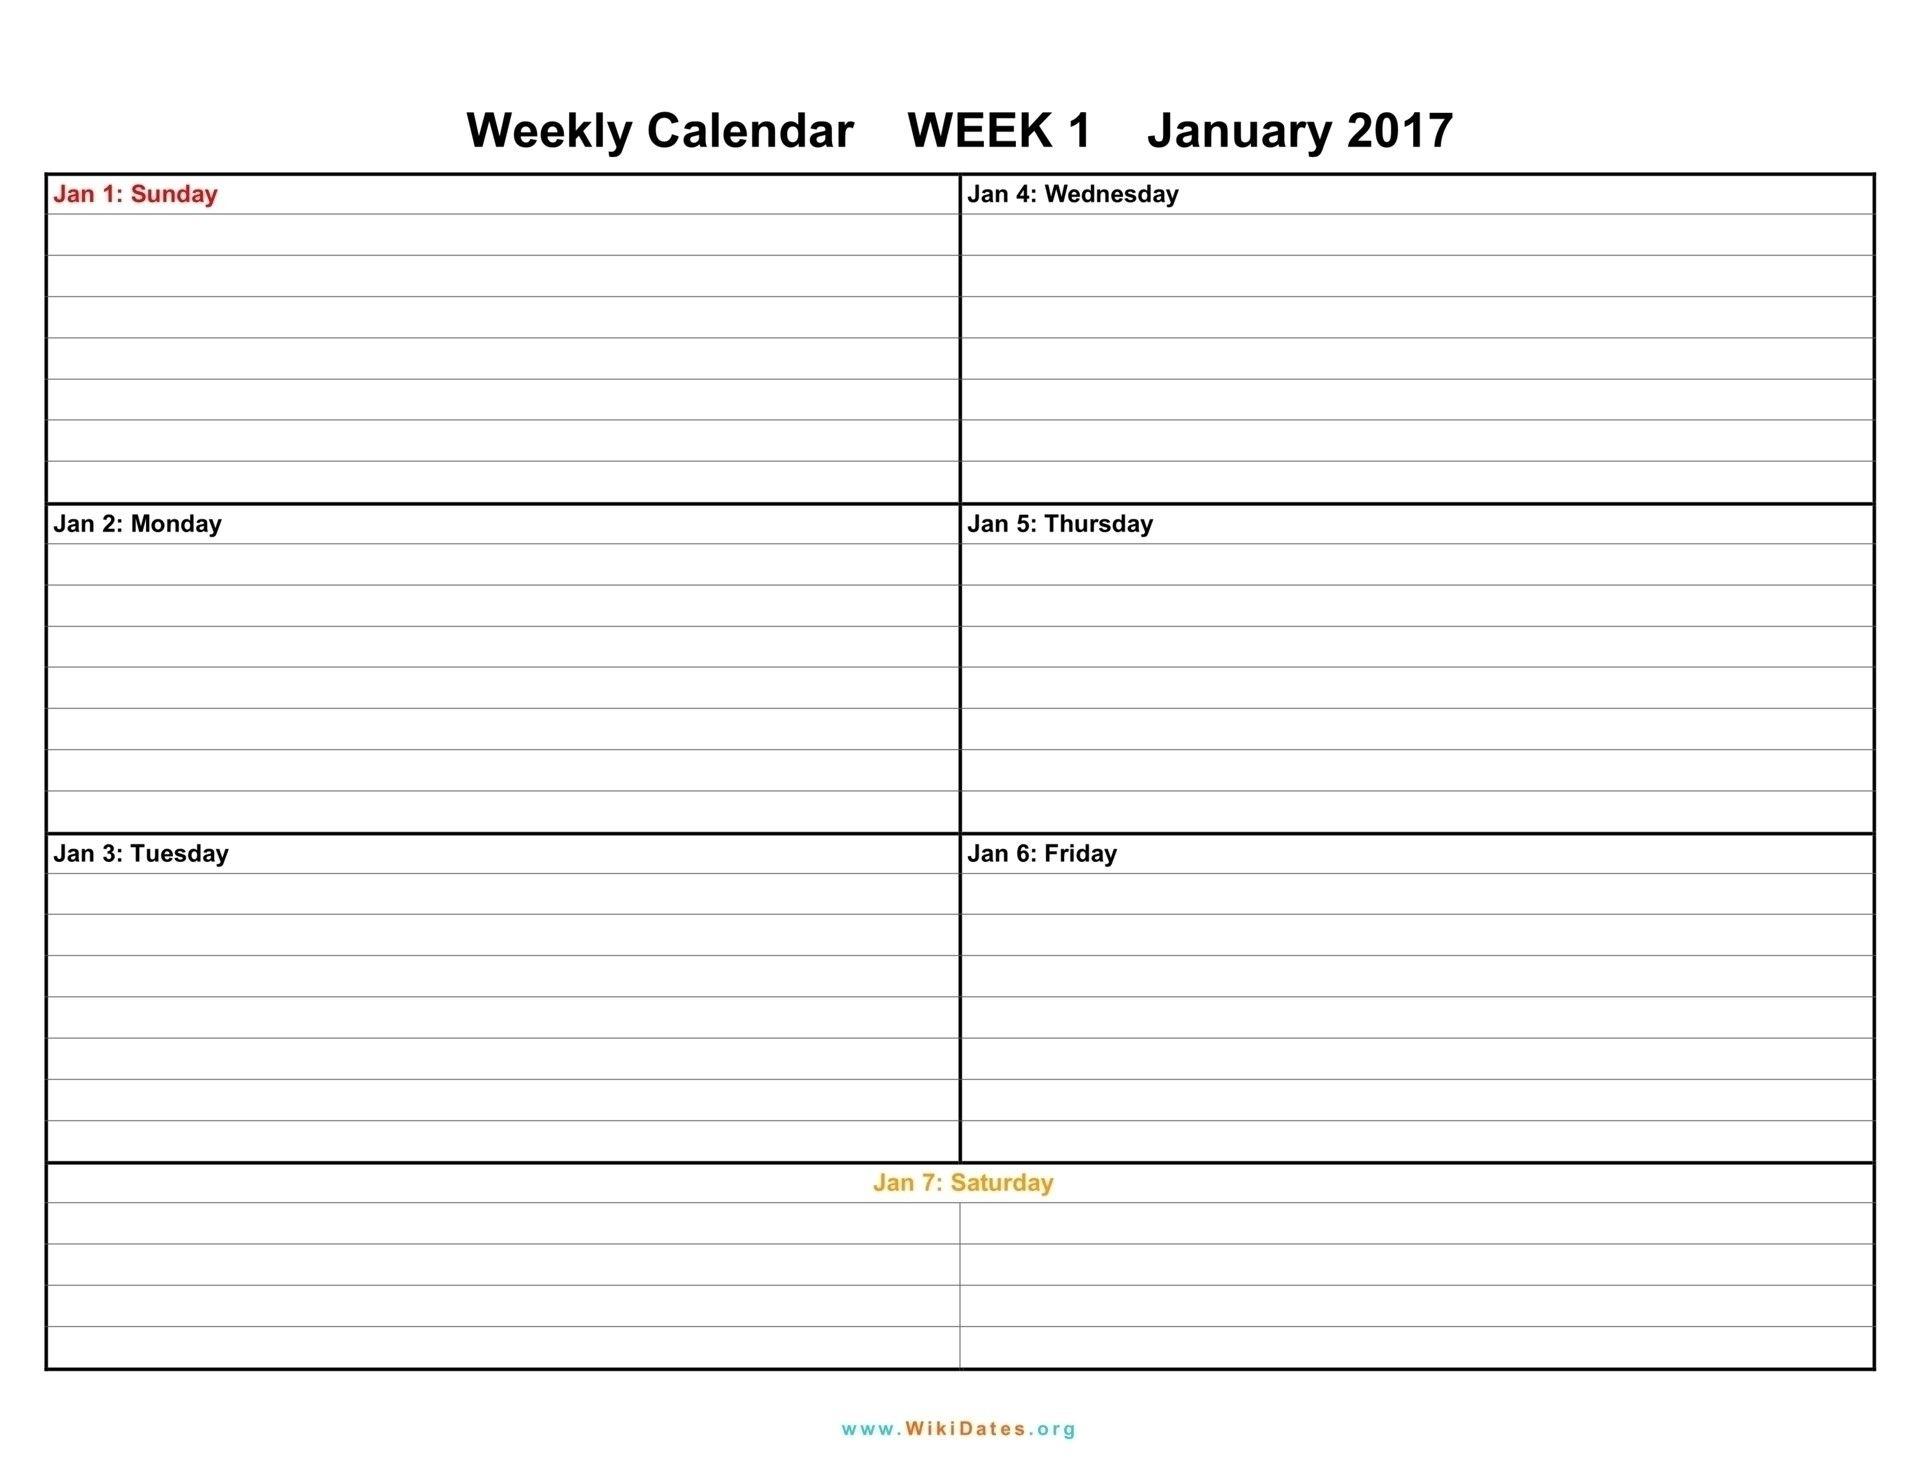 Print 4 Week Calendar | Blank Weekly Calendar, Weekly Calendar Template 4 Weeks